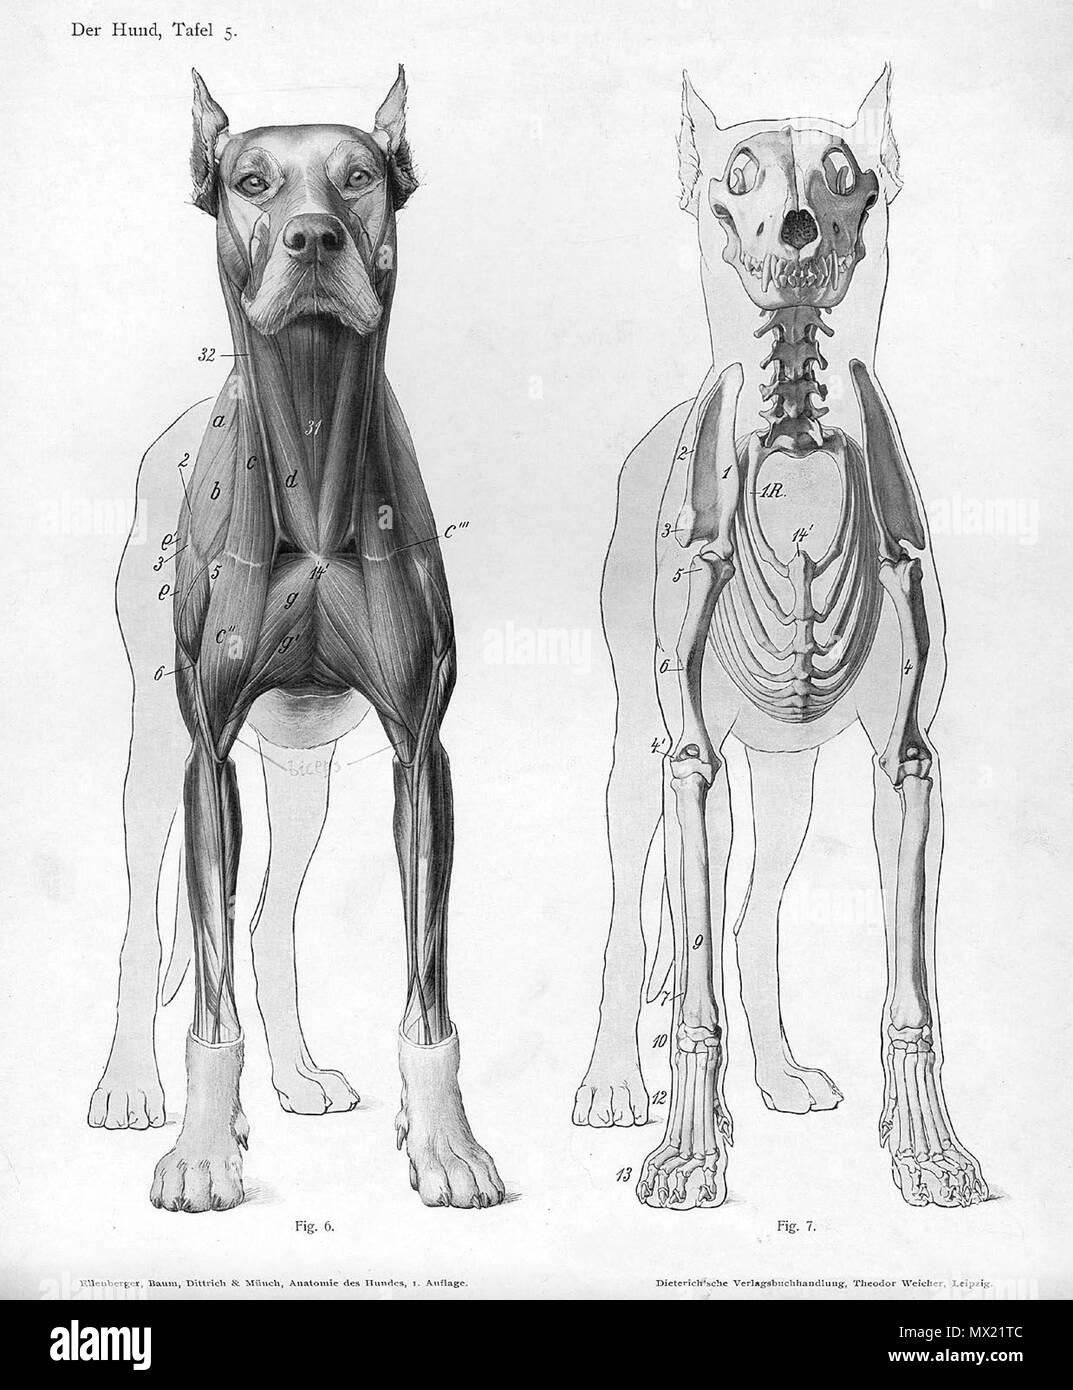 """. Anatómica Animal grabado de Handbuch der Anatomie der Tiere für Künstler"""" - Hermann Dittrich, Illustrator. 1889 y 1911-1925. Wilhelm Ellenberger y Hermann Baum 166 Anatomía del perro vista anterior Foto de stock"""